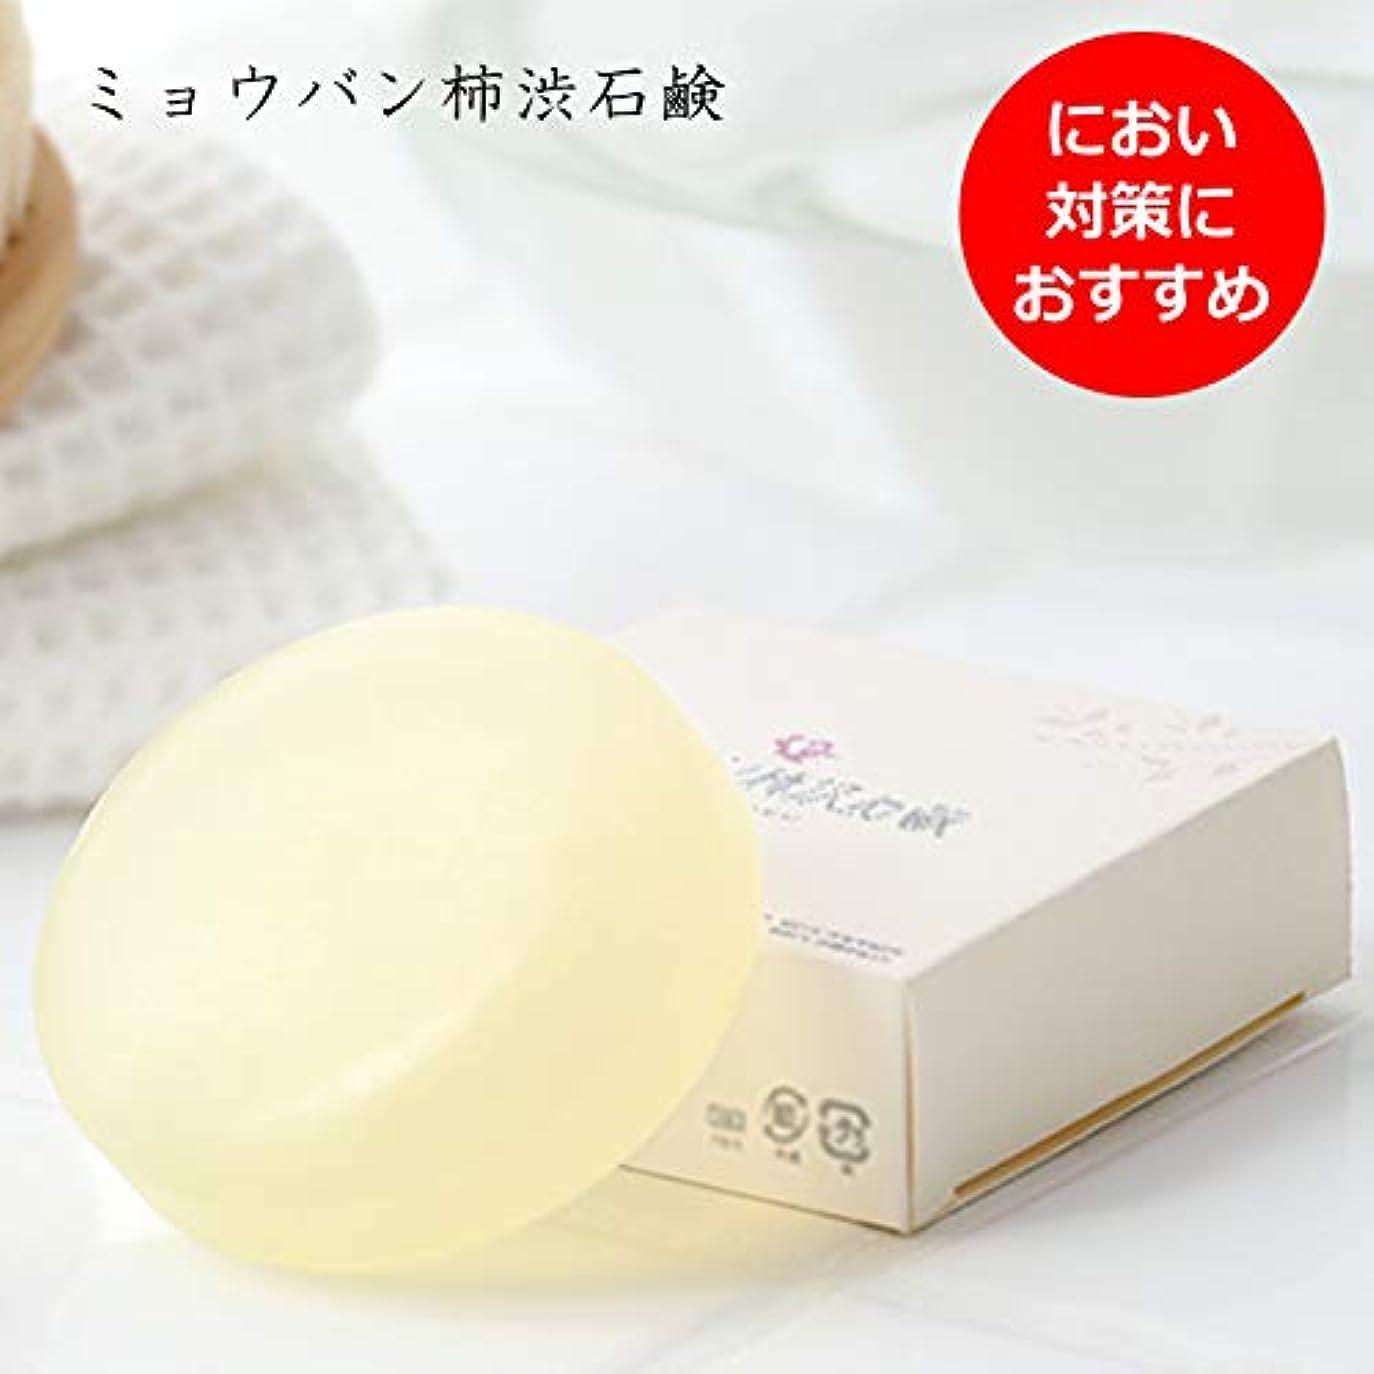 飲料対抗歯【単品】ミョウバン柿渋石鹸(ナチュラルクリアソープ) (01個)